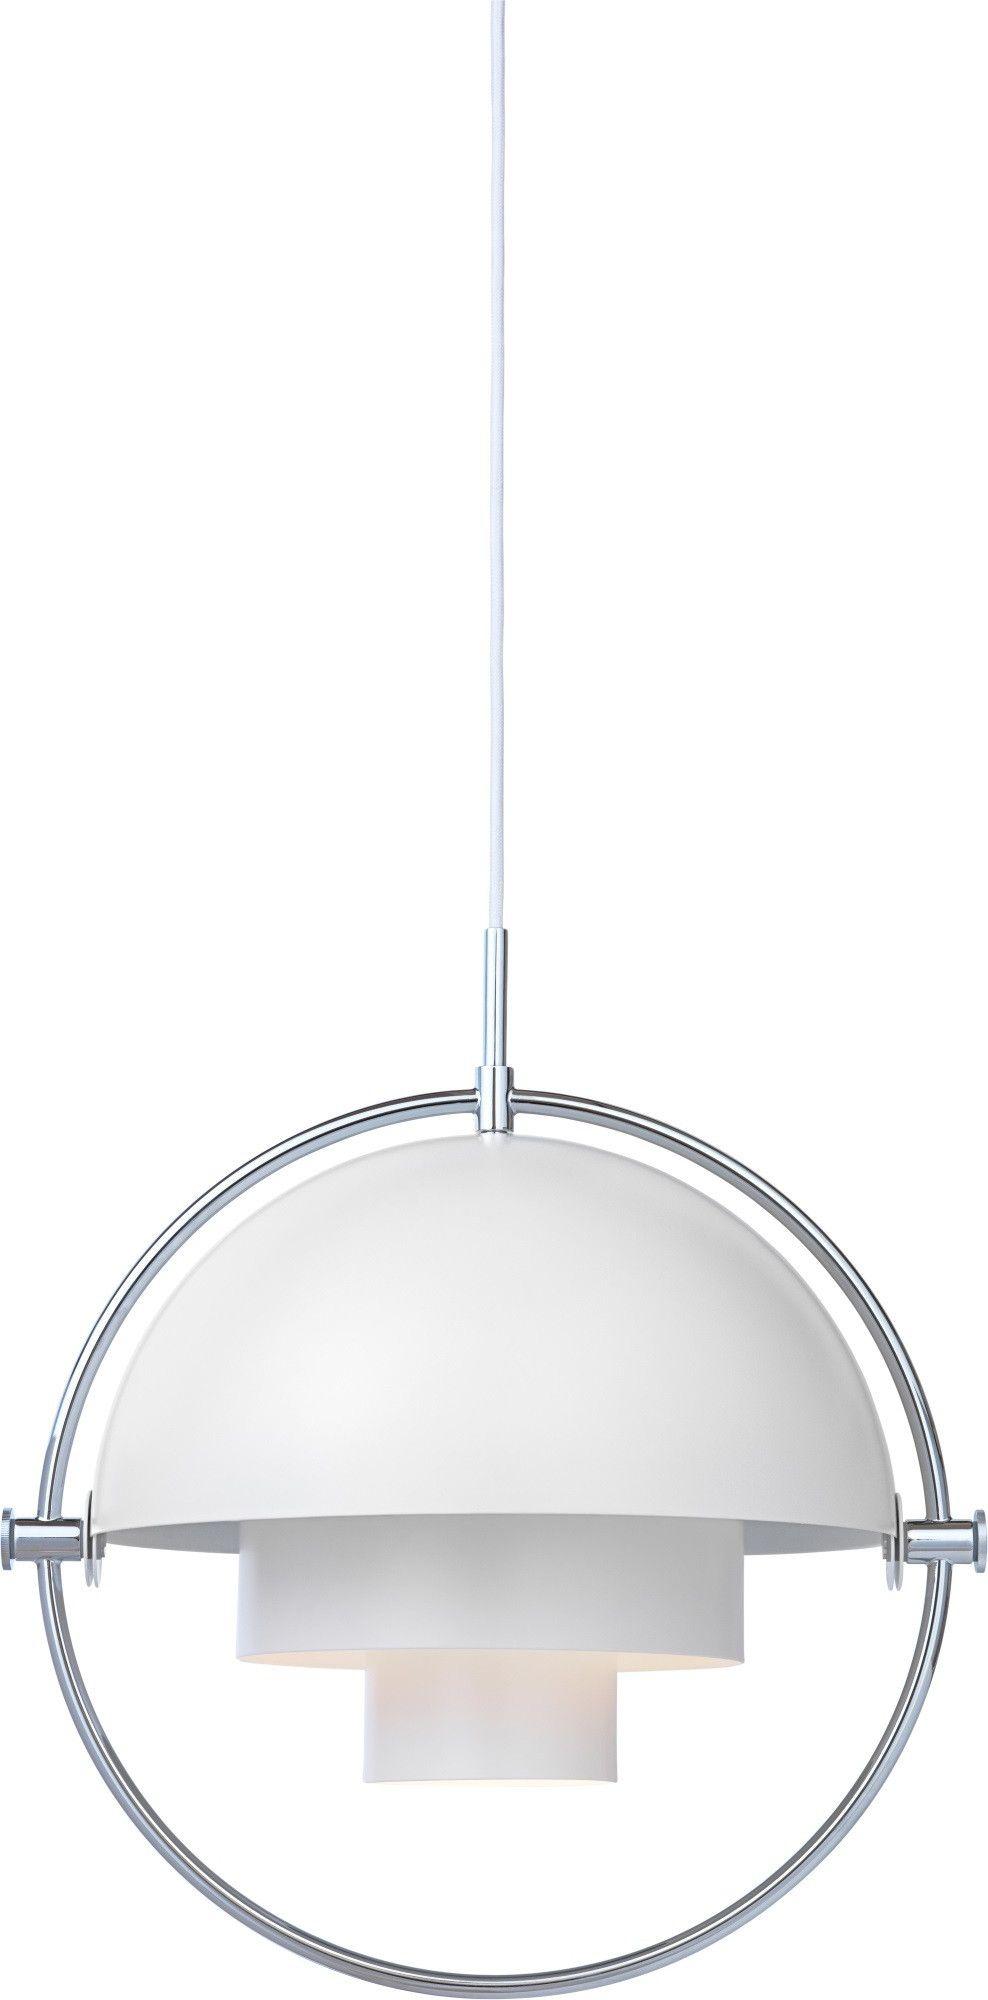 Multi Lite Pendant Lamp Pendelleuchte Farbig Gubi Mit Bildern Pendelleuchte Anhanger Lampen Einrichten Design